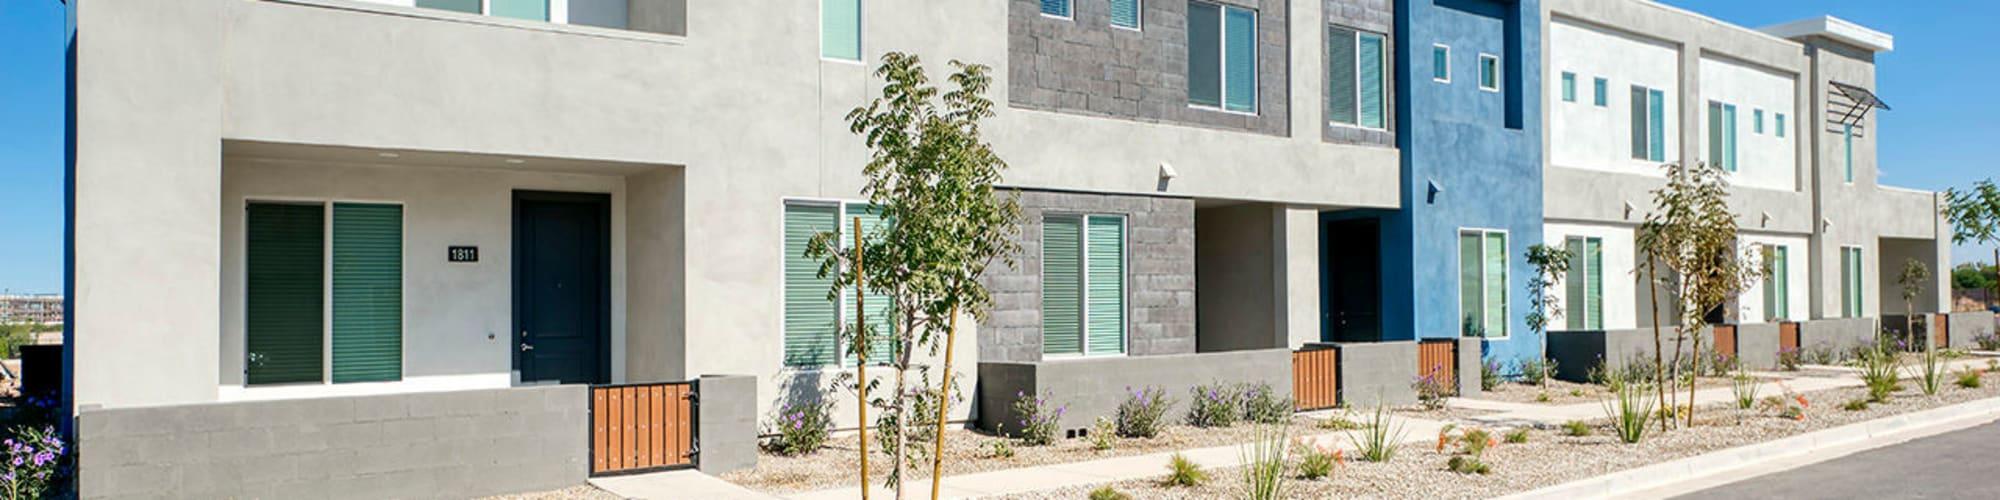 Photos of BB Living at Val Vista in Gilbert, Arizona